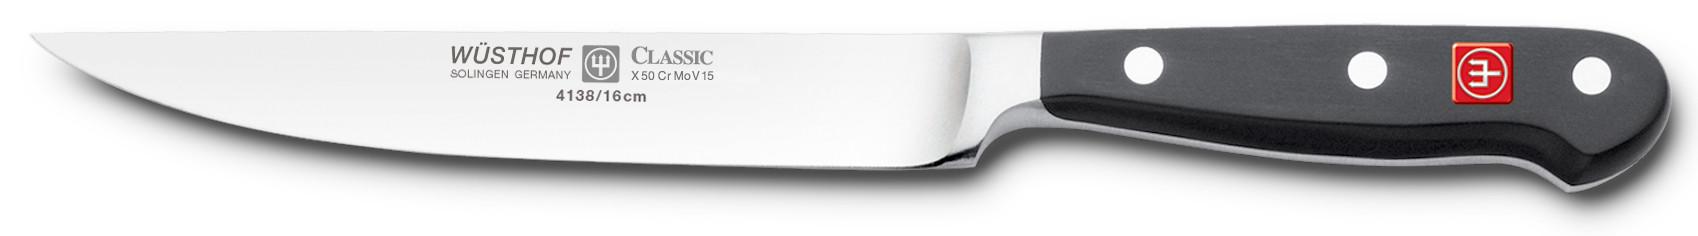 Wüsthof Dreizack Classic Küchenmesser 16cm